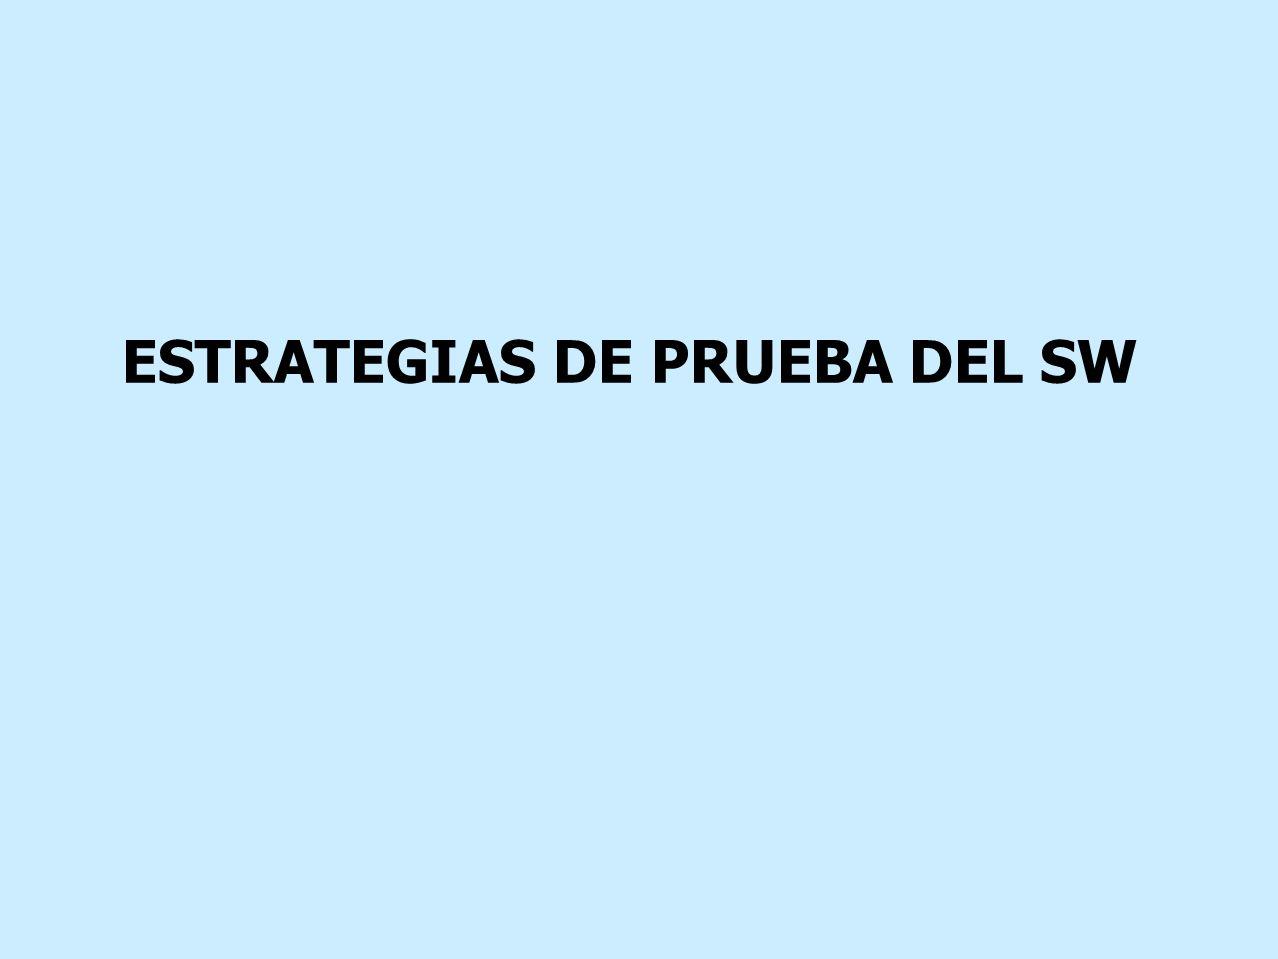 ESTRATEGIAS DE PRUEBA DEL SW